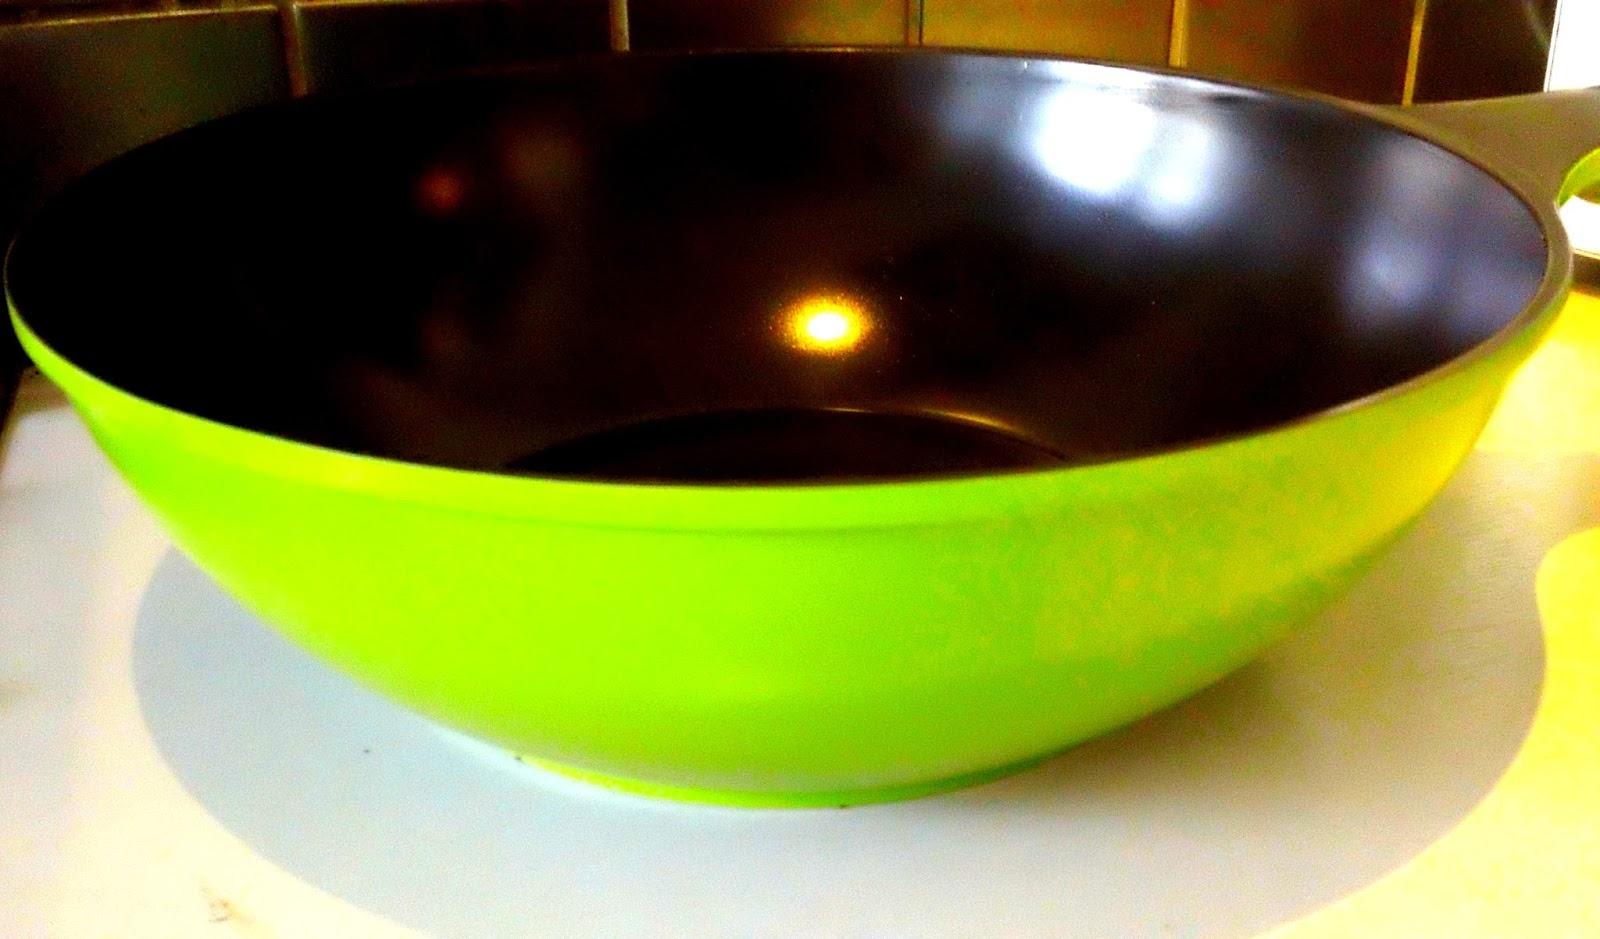 Ozeri Green Earth Wok, Non stick pans, Ozeri, Ecozeri, Chinese Wok